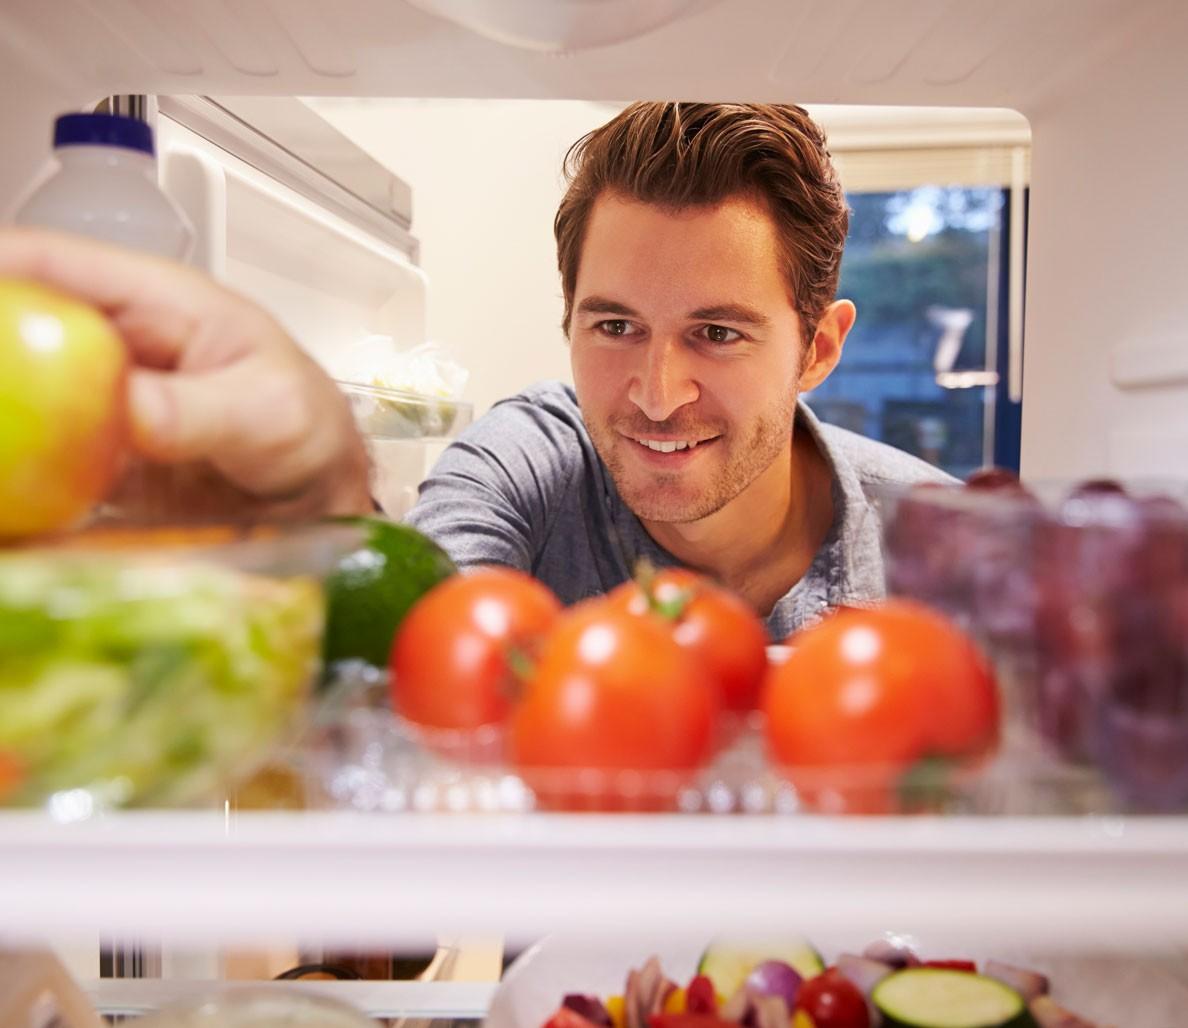 Мужчина открыл холодильник